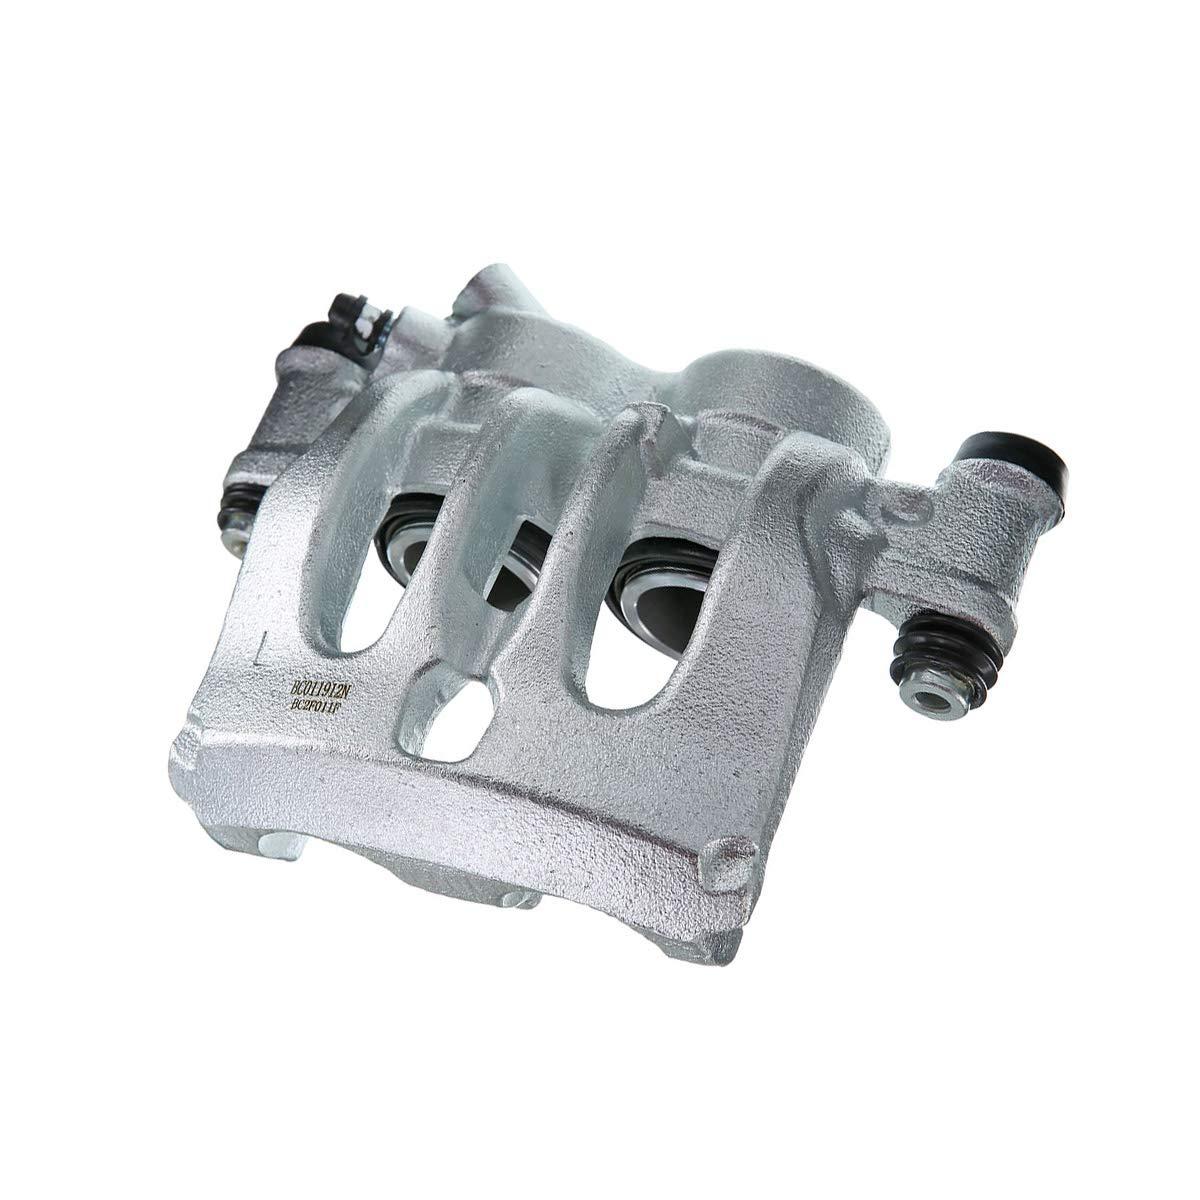 Bremssattel Bremszange Vorne Links f/ür Sprinter 3,5-T 3-T 4,6-T 5-T Crafter 30-35 30-50 2006-2019 0034208583